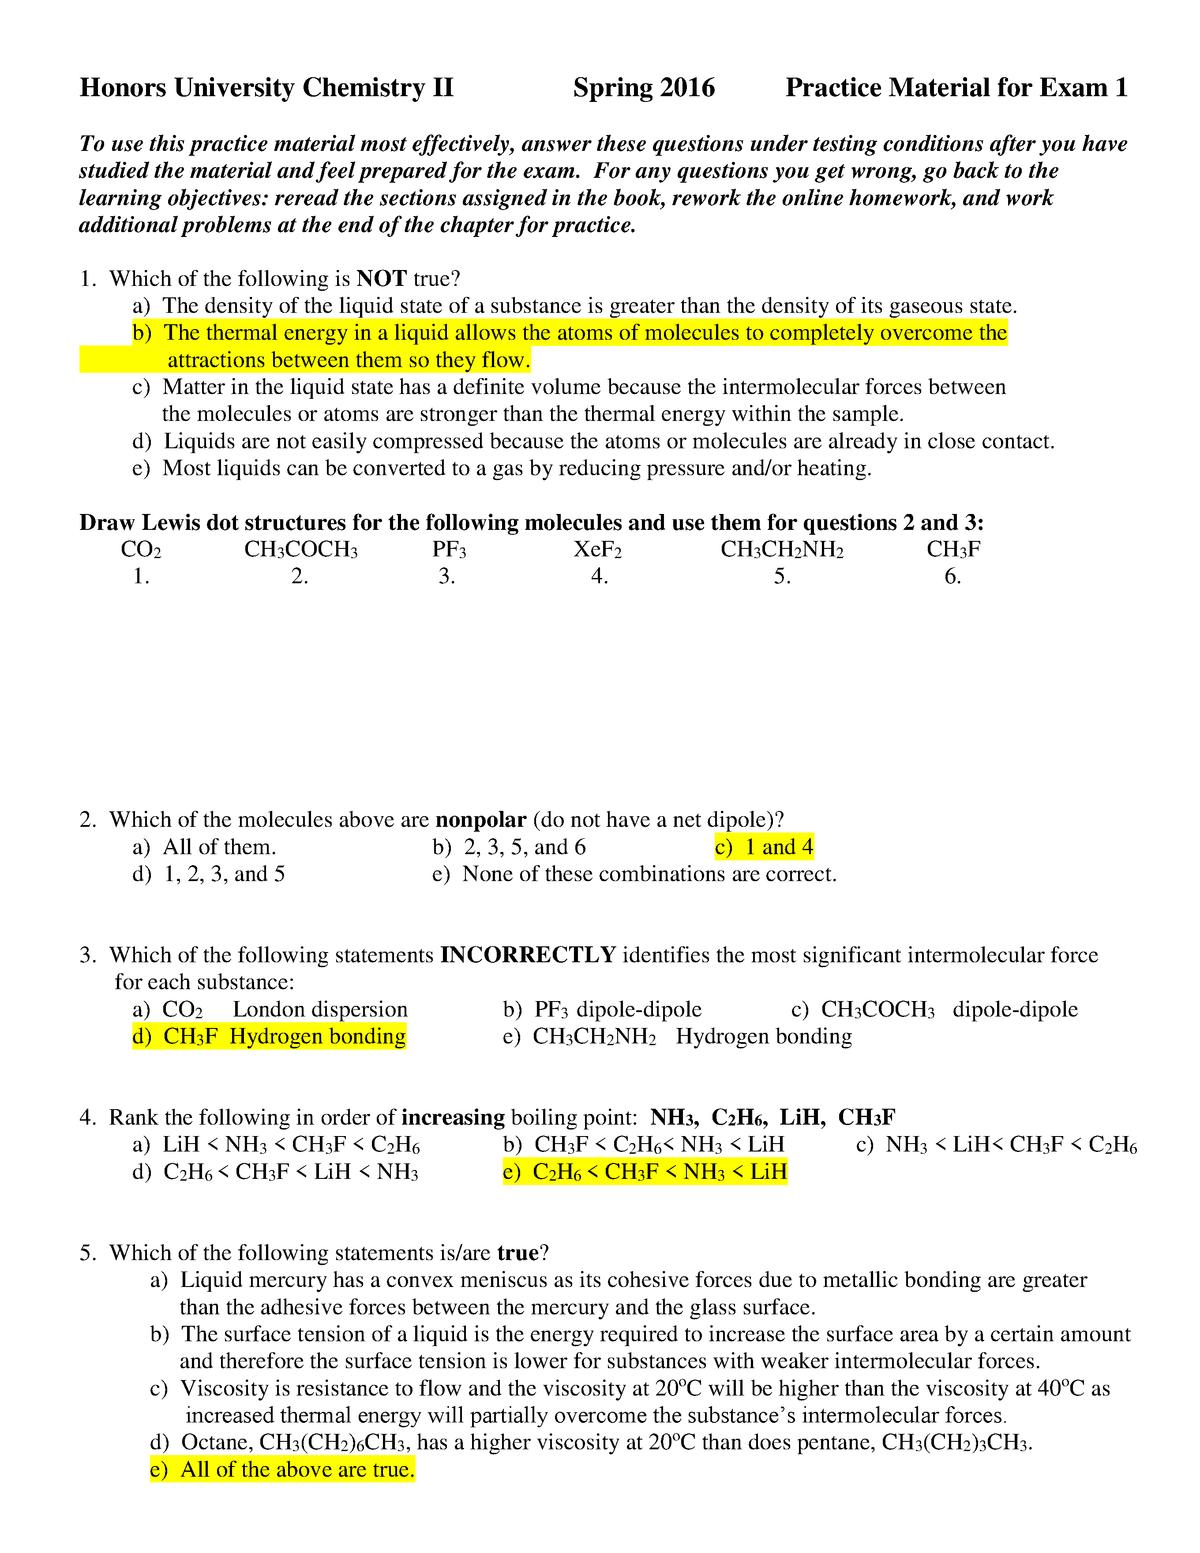 Exam 2017 - CHEM 1123H: Hnrs University Chem Ii - StuDocu